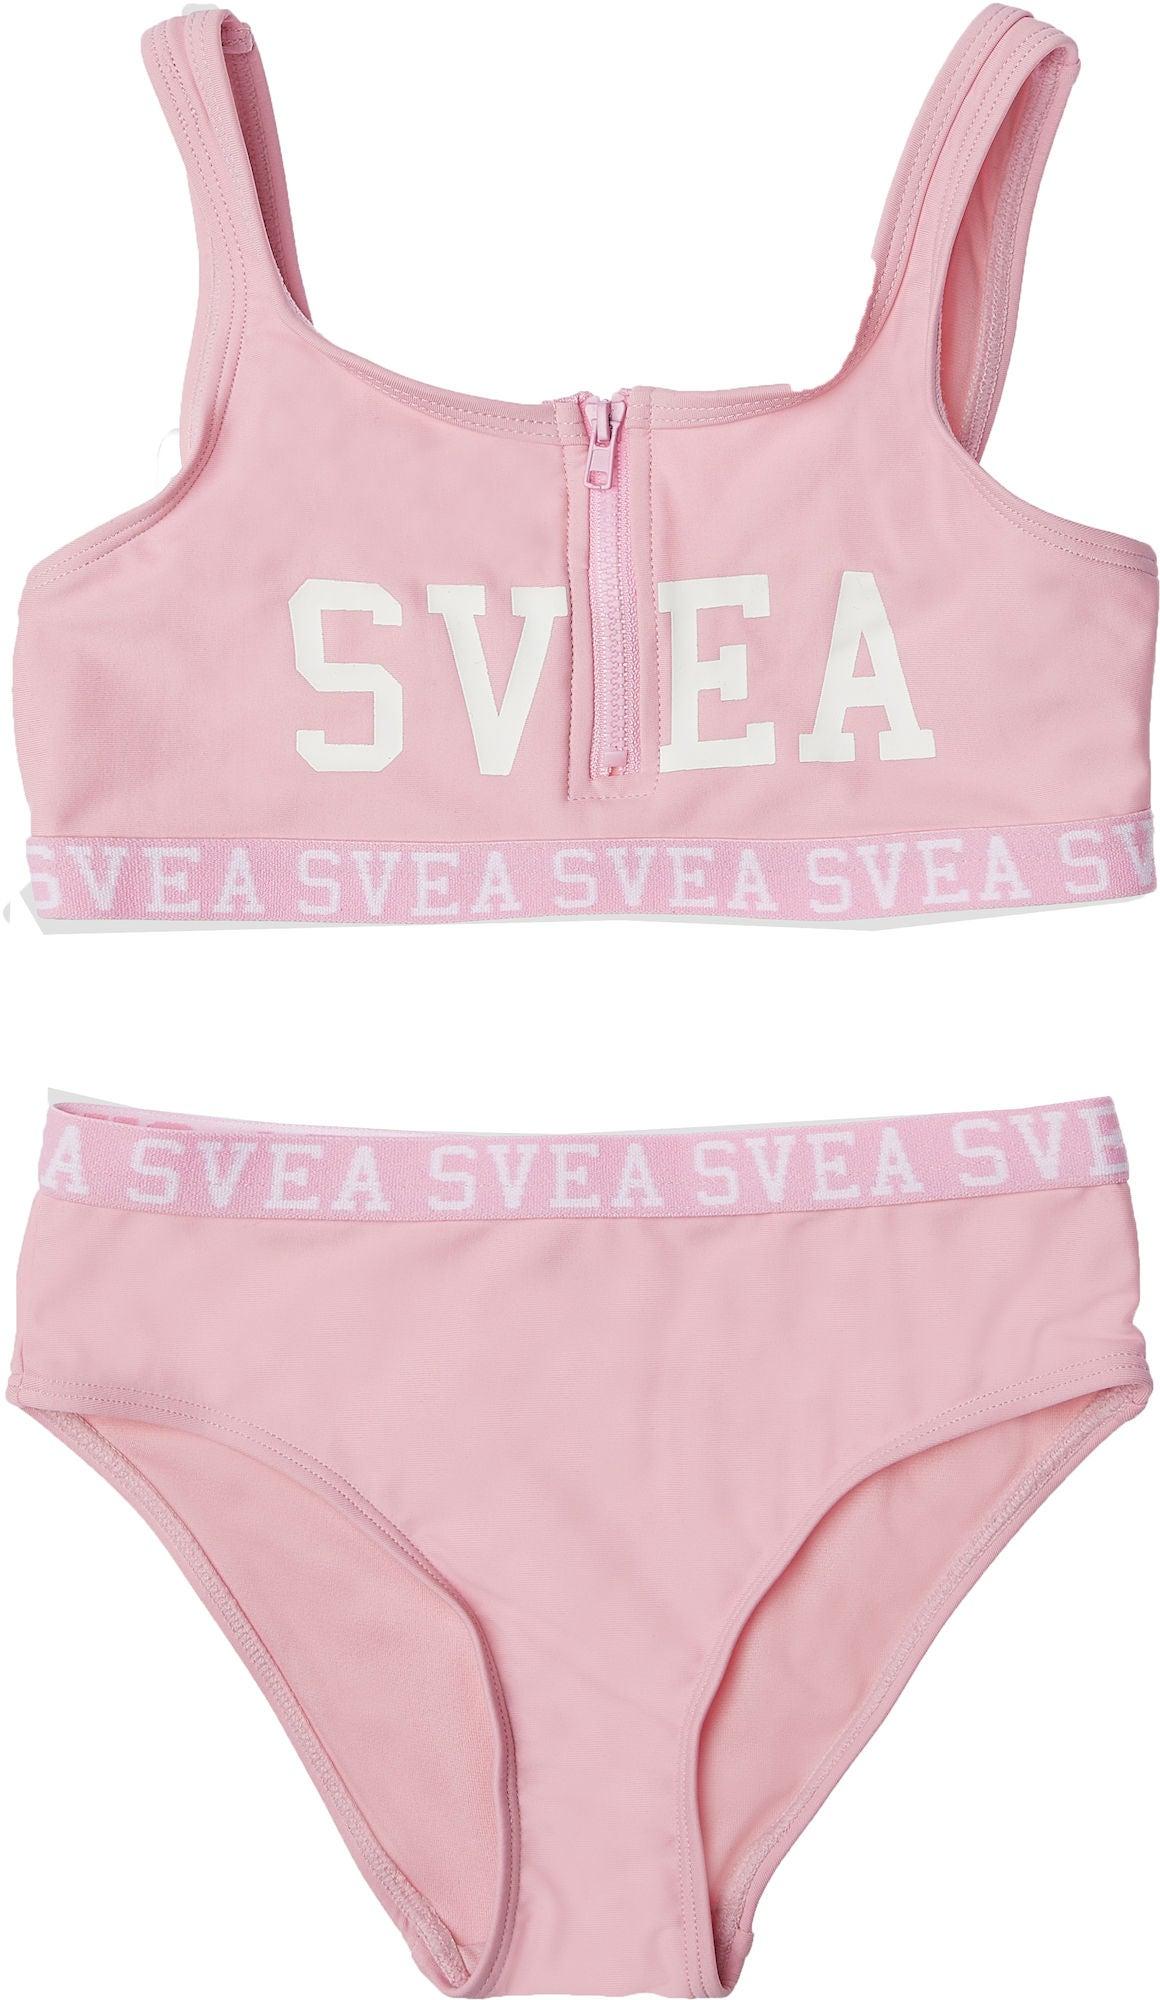 Svea Sportig Bikini Med Dragkedja, Pink, 110